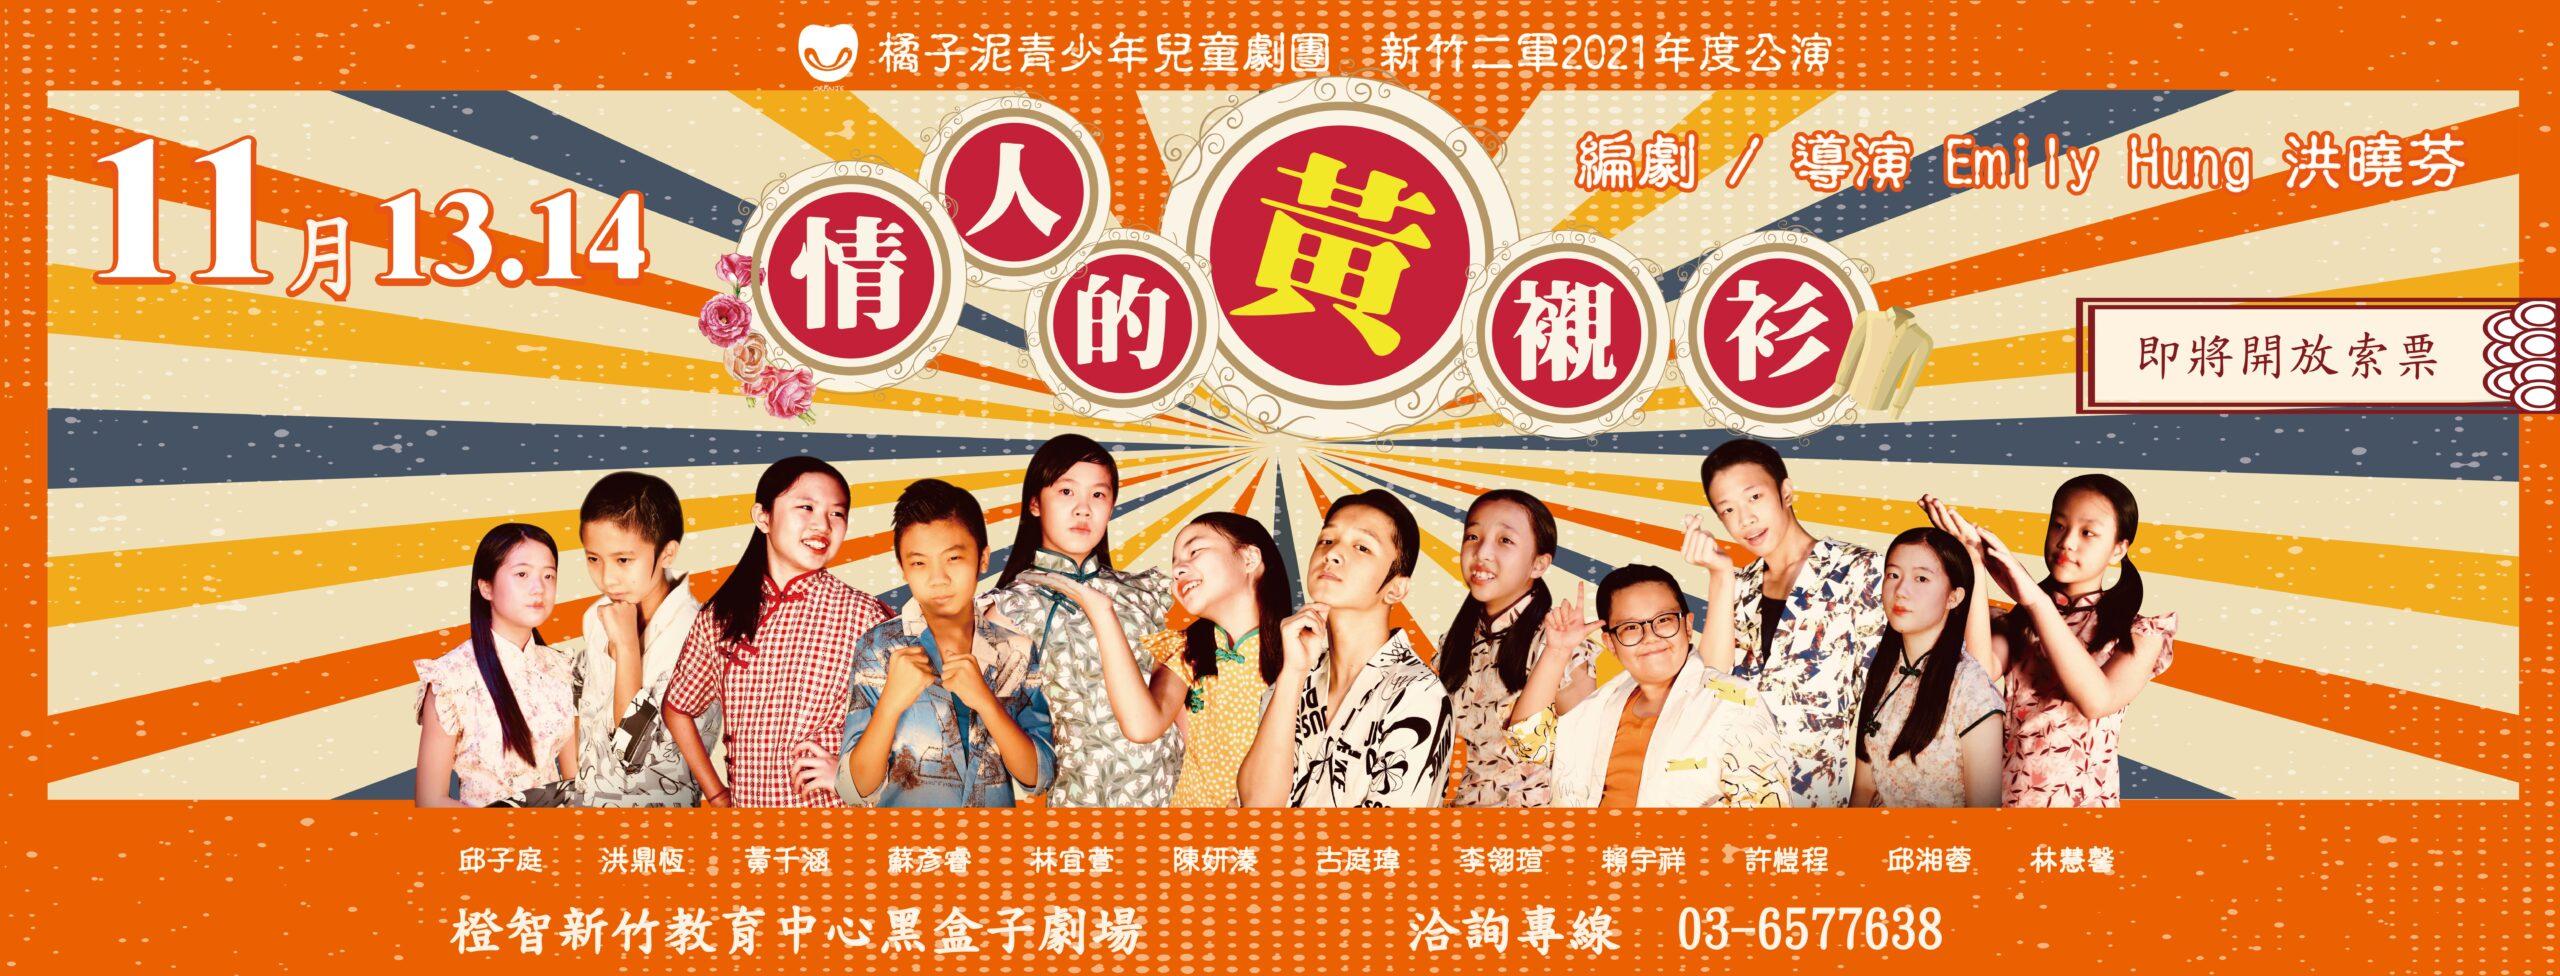 橘子泥青少年兒童劇團新竹二軍「情人的黃襯衫」即將開放索票!